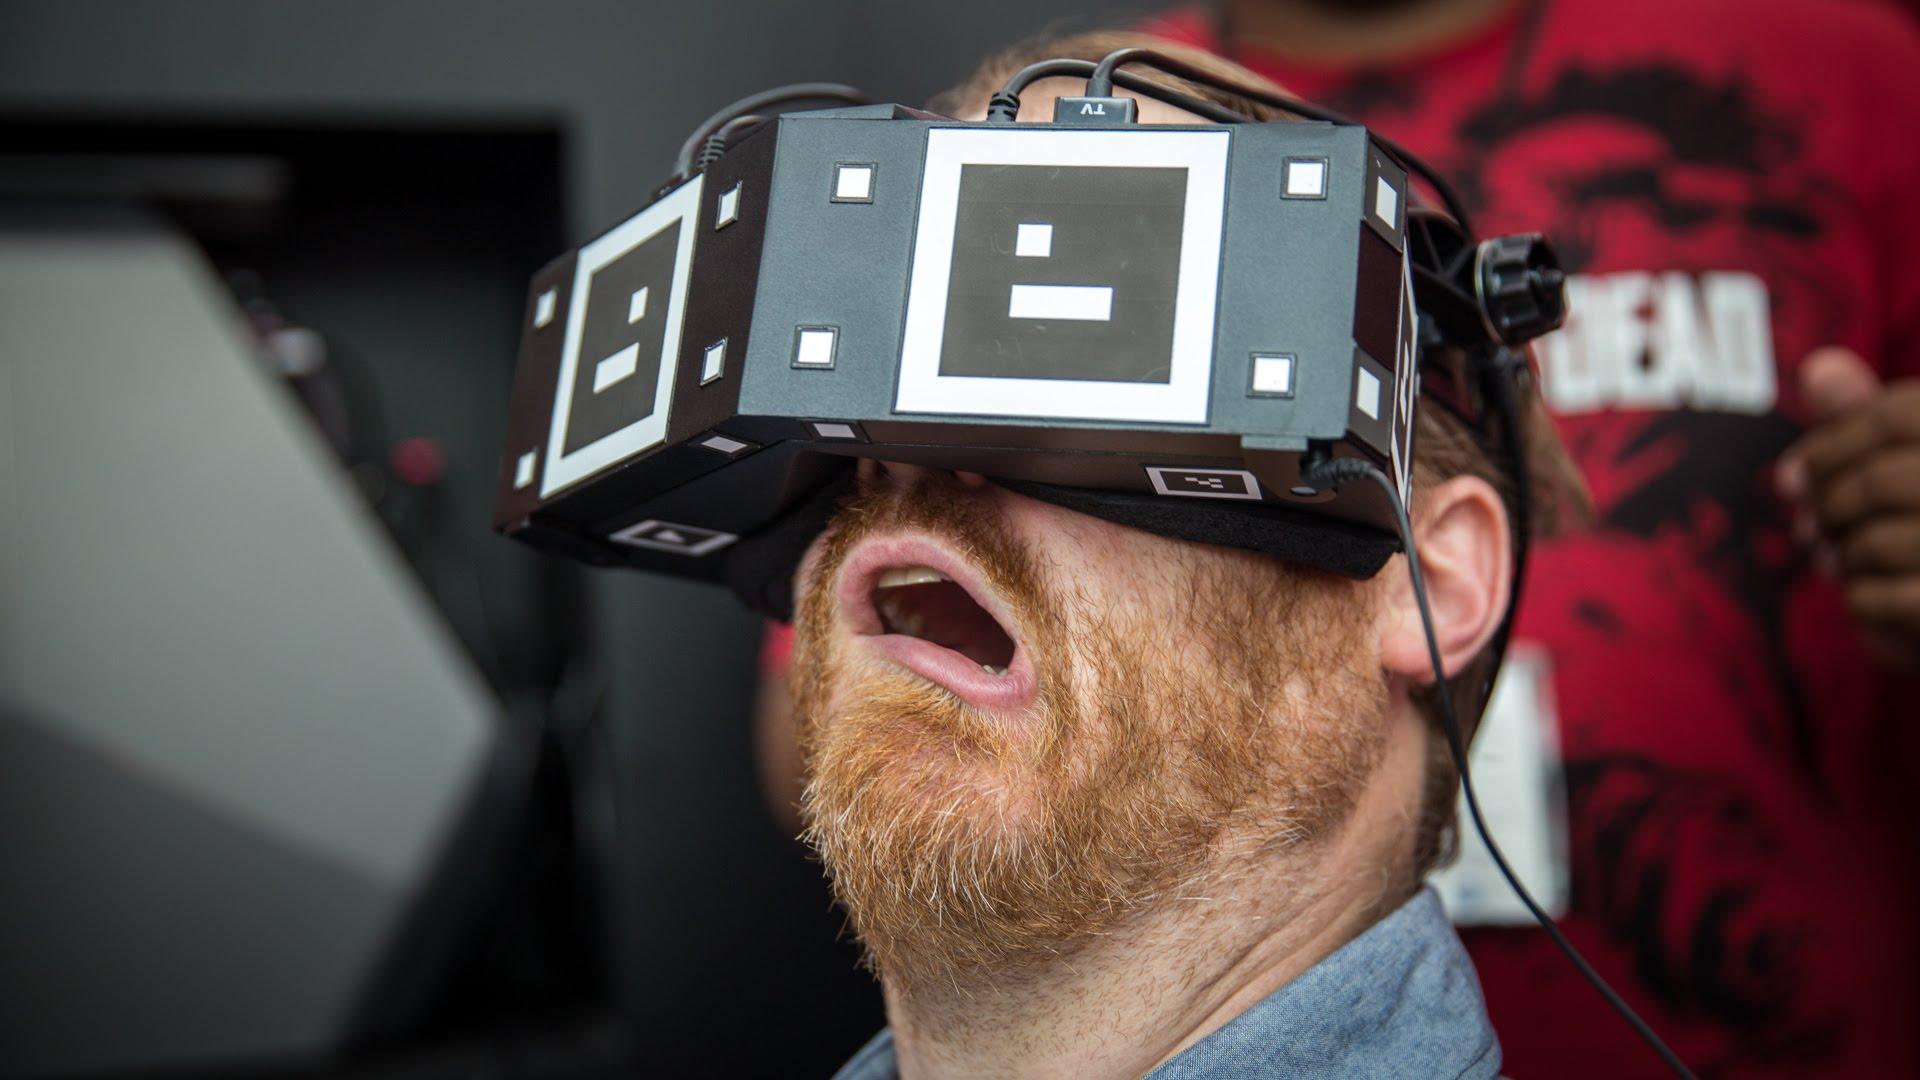 виртуальные прикольные картинки